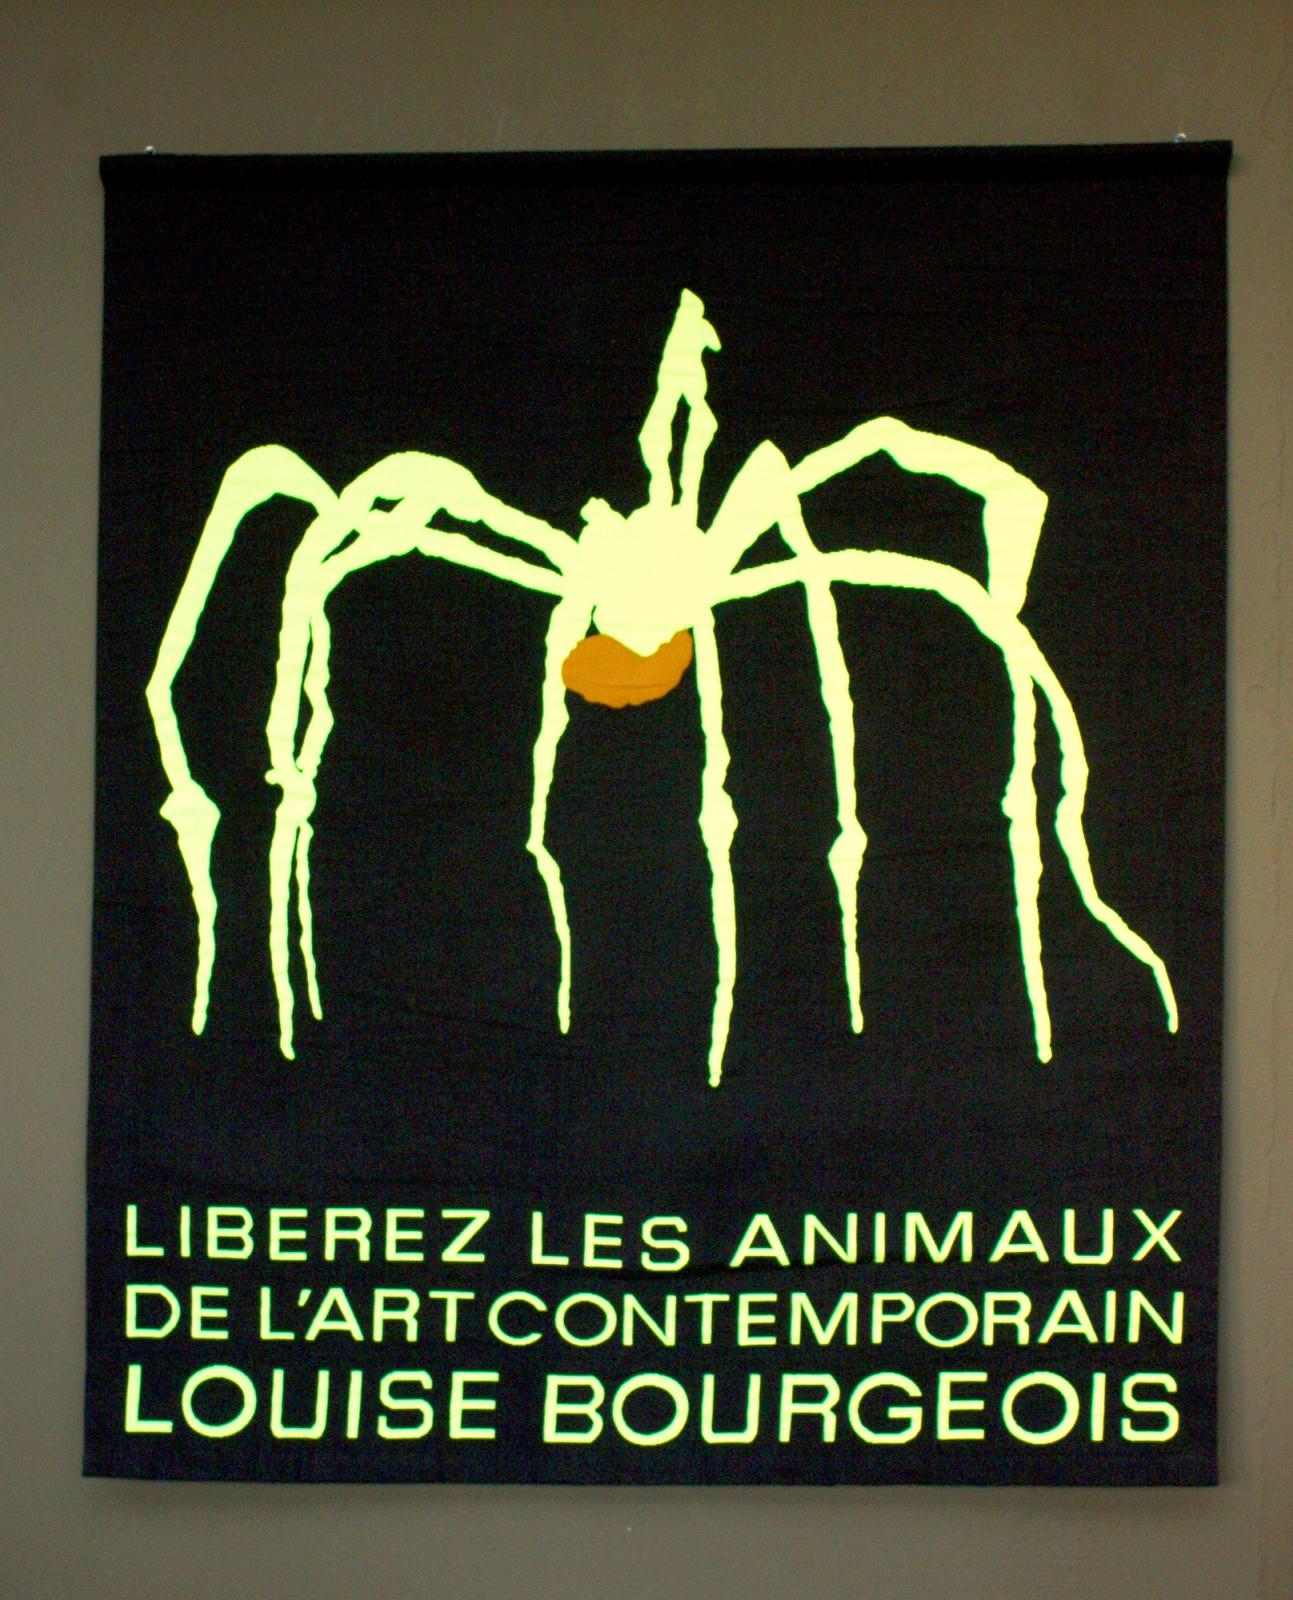 pascal-lievre-liberez-les- animaux-de- l-'-art-contemporain- louise-bourgeois-2009-tapisserie-numerique- aubusson-neolice